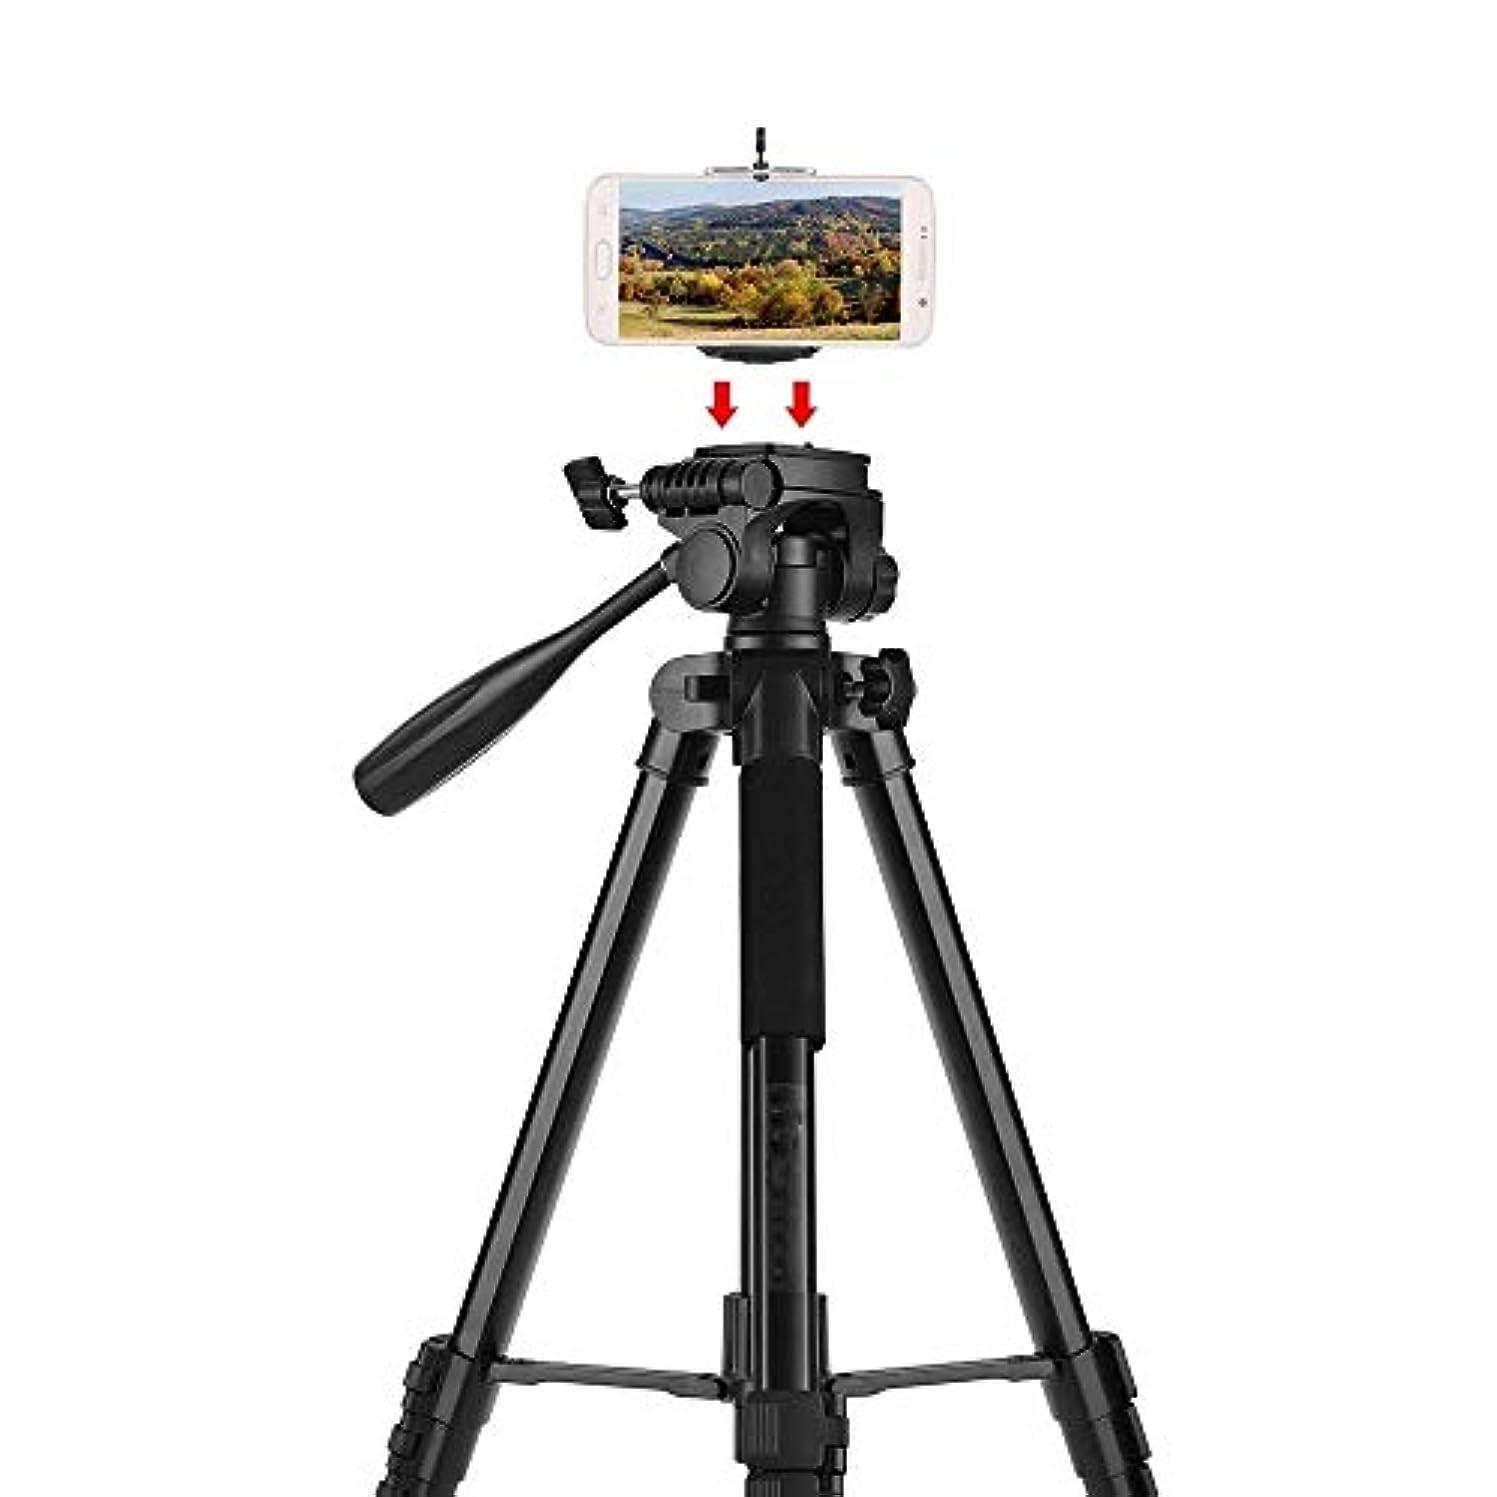 重要導体レオナルドダ三脚スタンド 調節可能な携帯電話ホルダークリップポータブル拡張可能なアルミ合金カメラの三脚と一脚 (Color : Black, Size : One size)